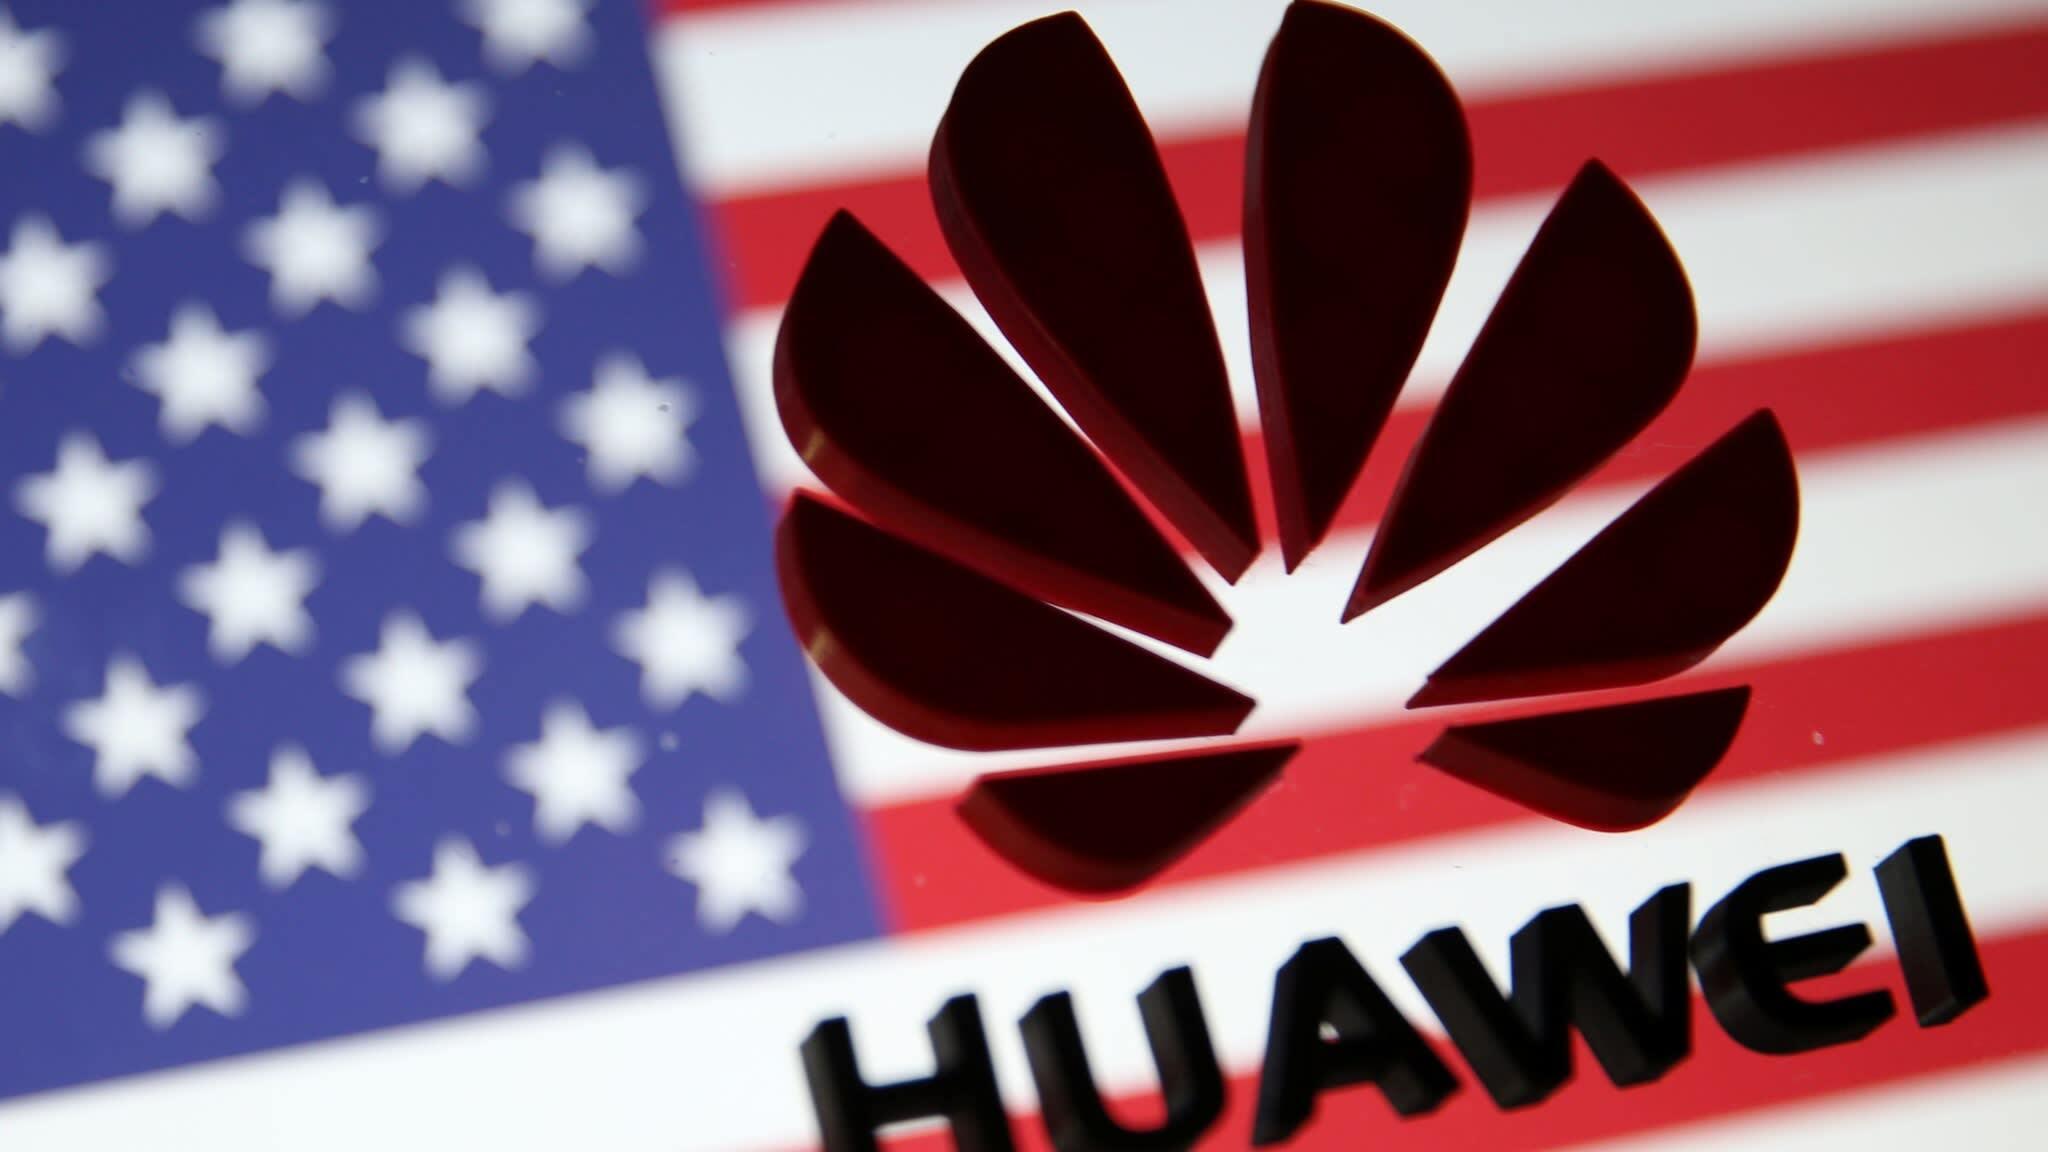 США потратят почти 2 миллиарда долларов на избавление от разработок Huawei в сотовых сетях